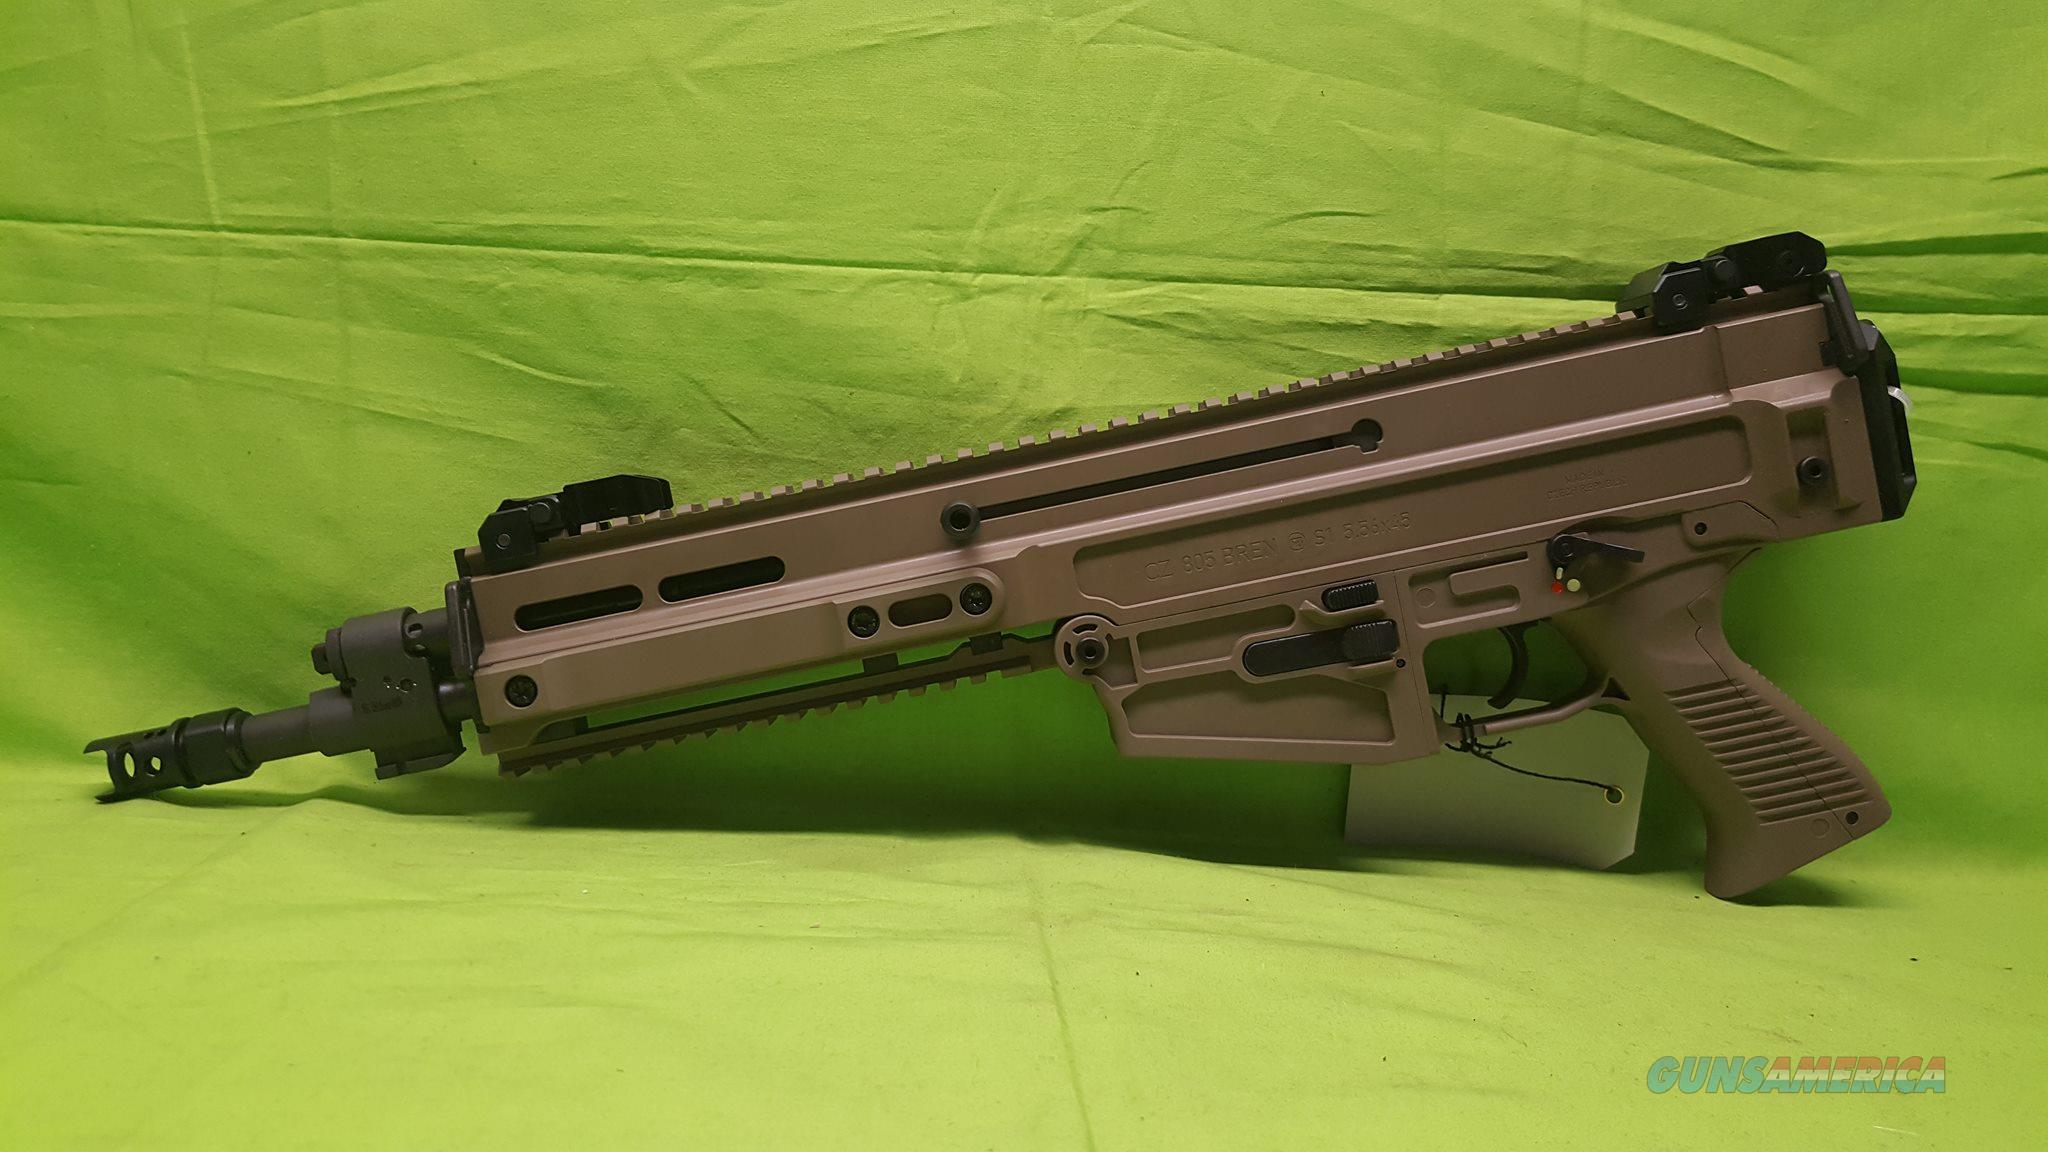 Штурмовая винтовка CZ 805 BREN (Чехия) смотреть